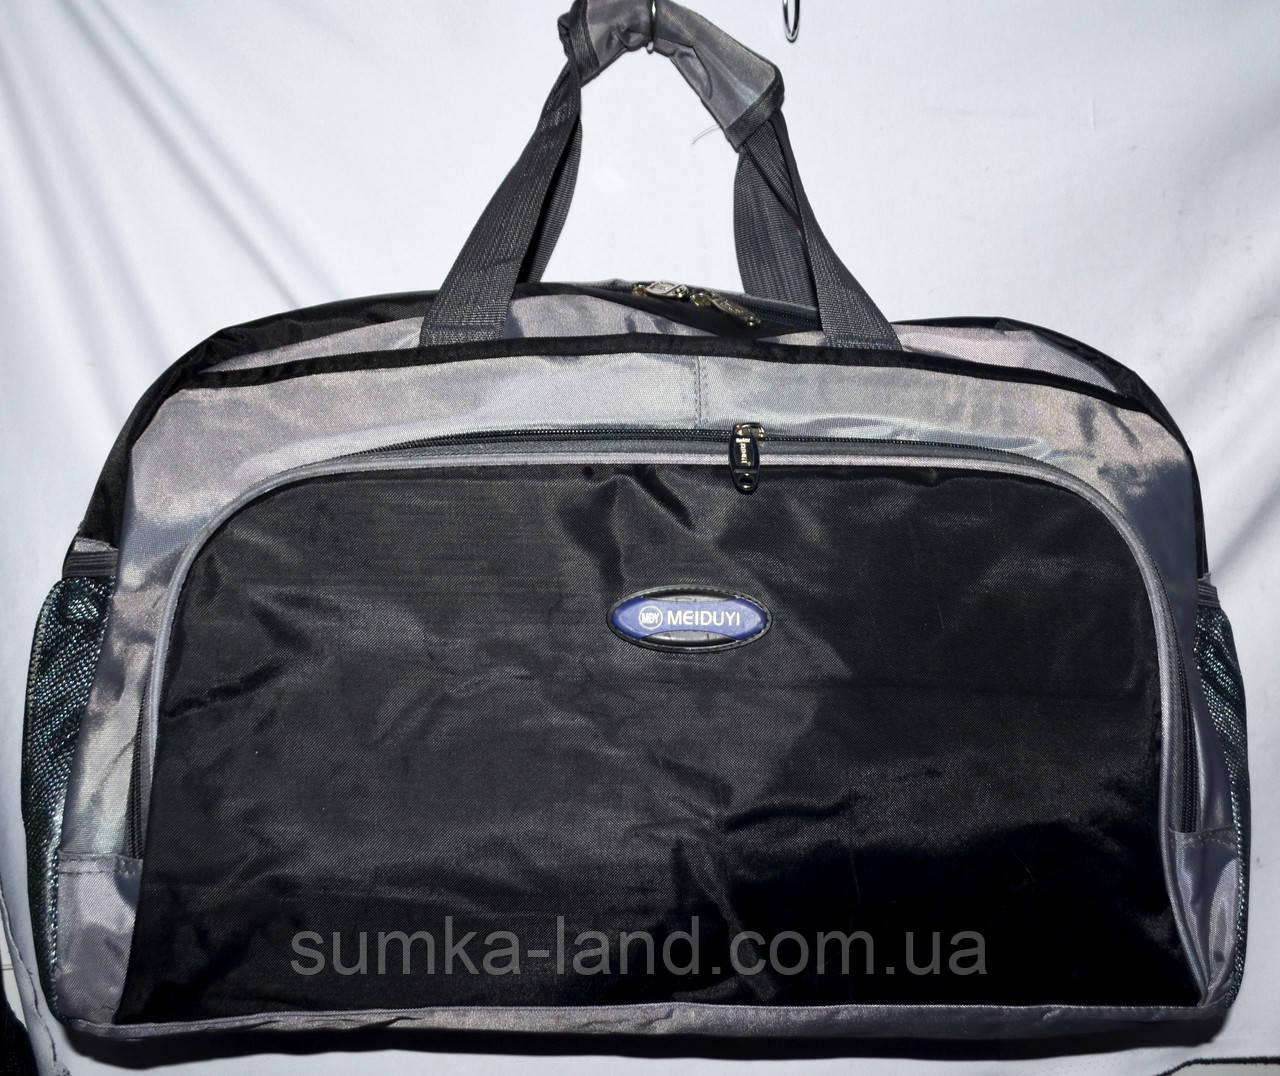 Универсальная спортивная дорожная сумка 52*31 см черная